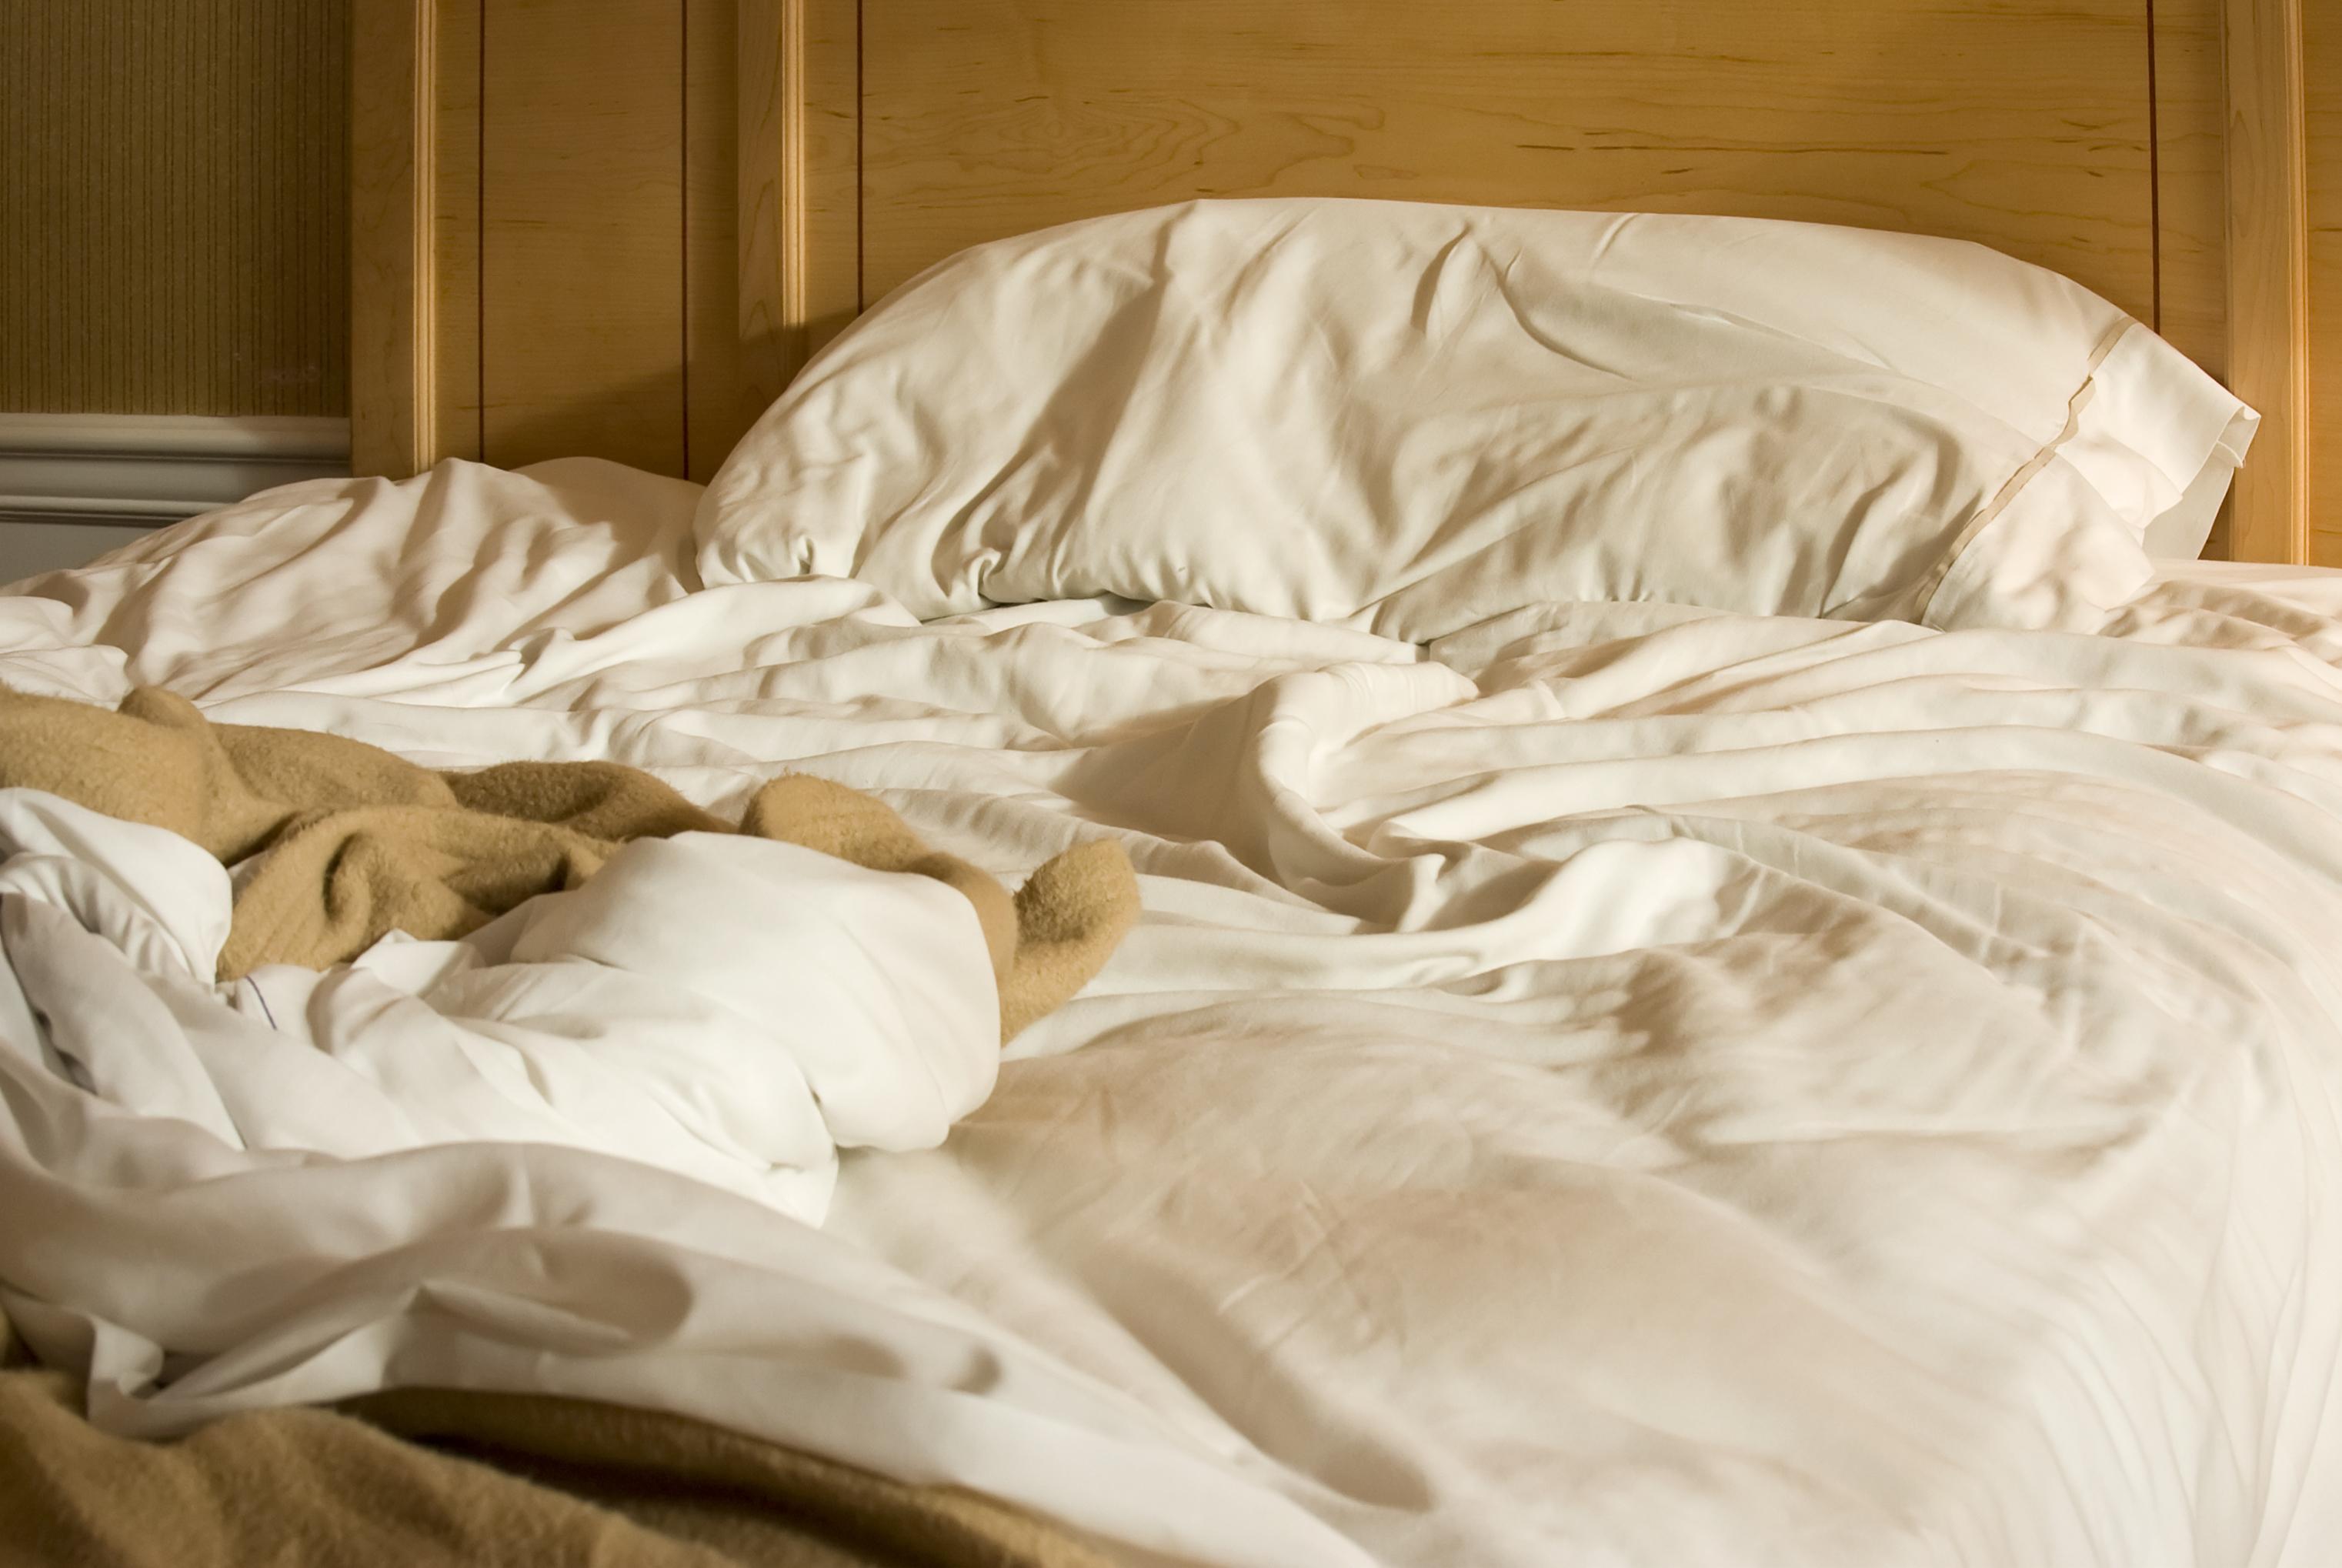 få bort kvalster i sängen